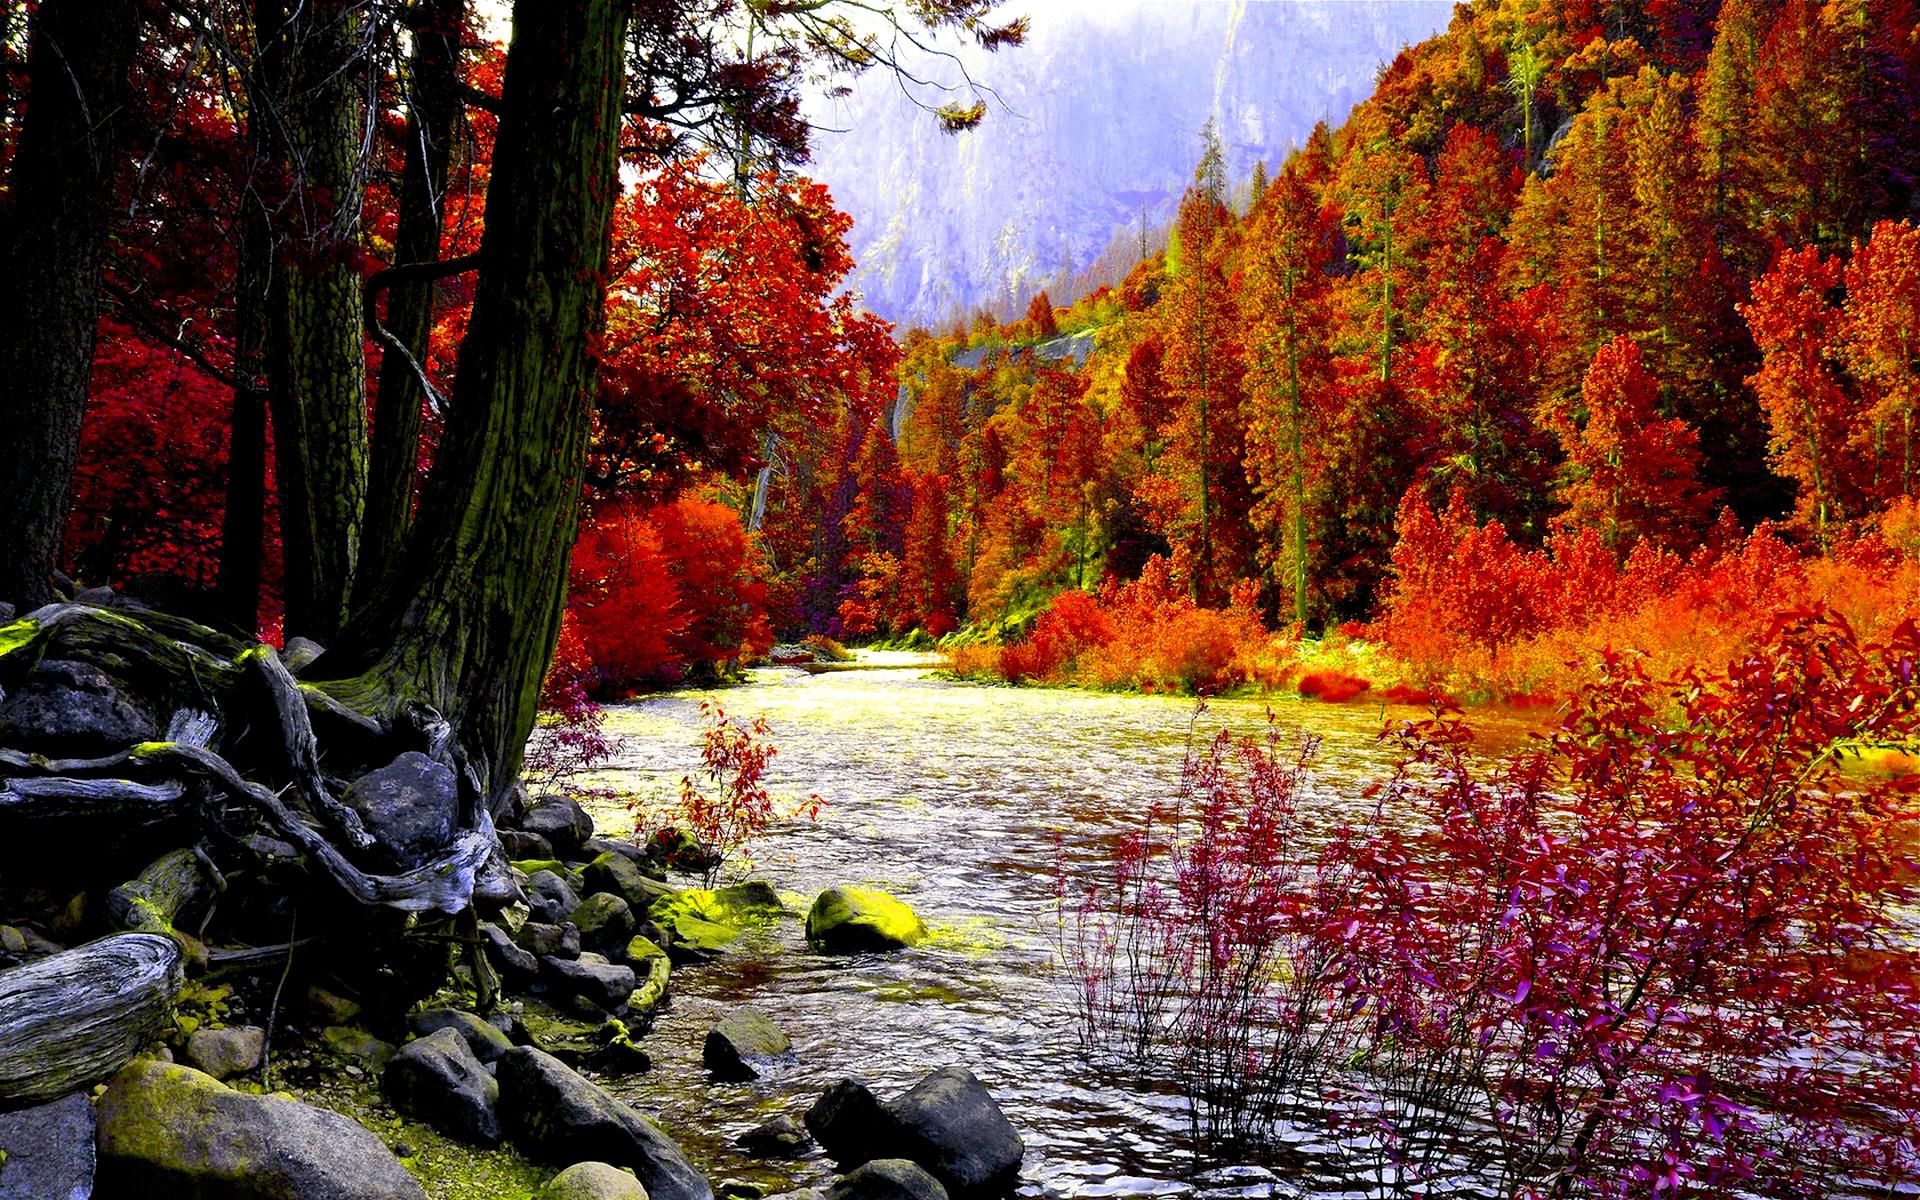 Seasonal Fall Coffee Desktop Wallpaper Autumn River Hd Wallpaper Pixelstalk Net